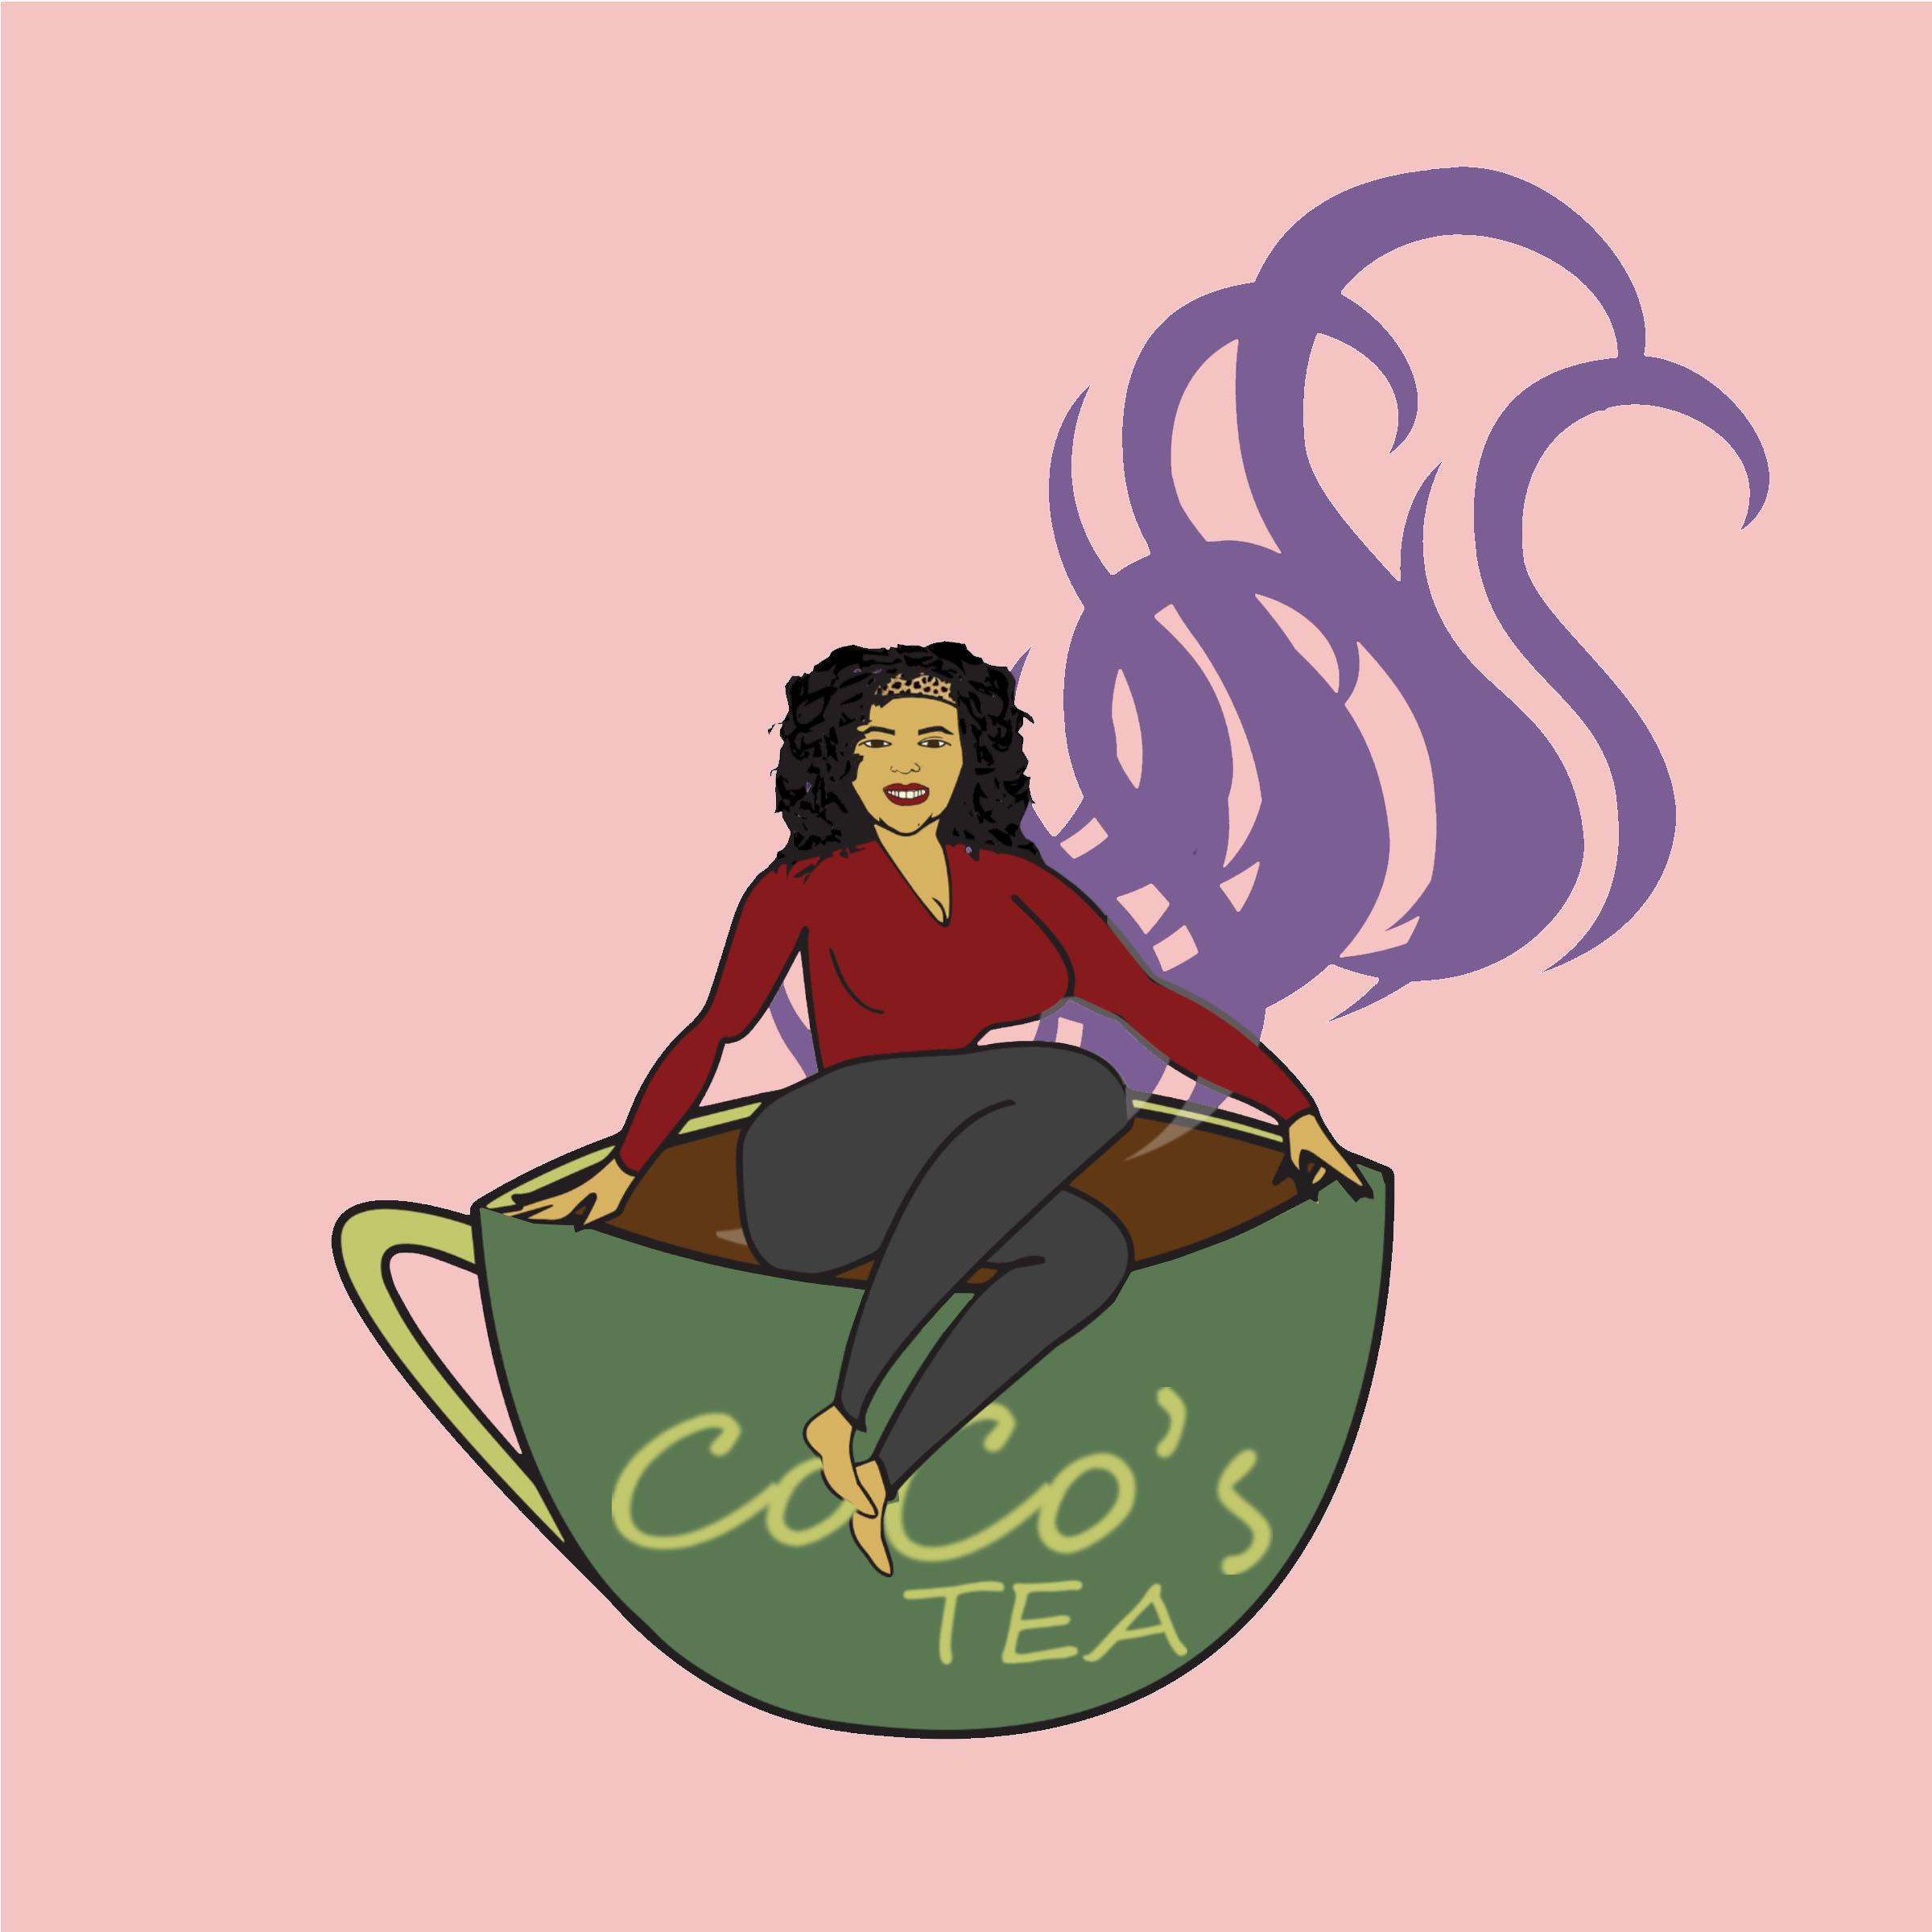 CoCo's Tea